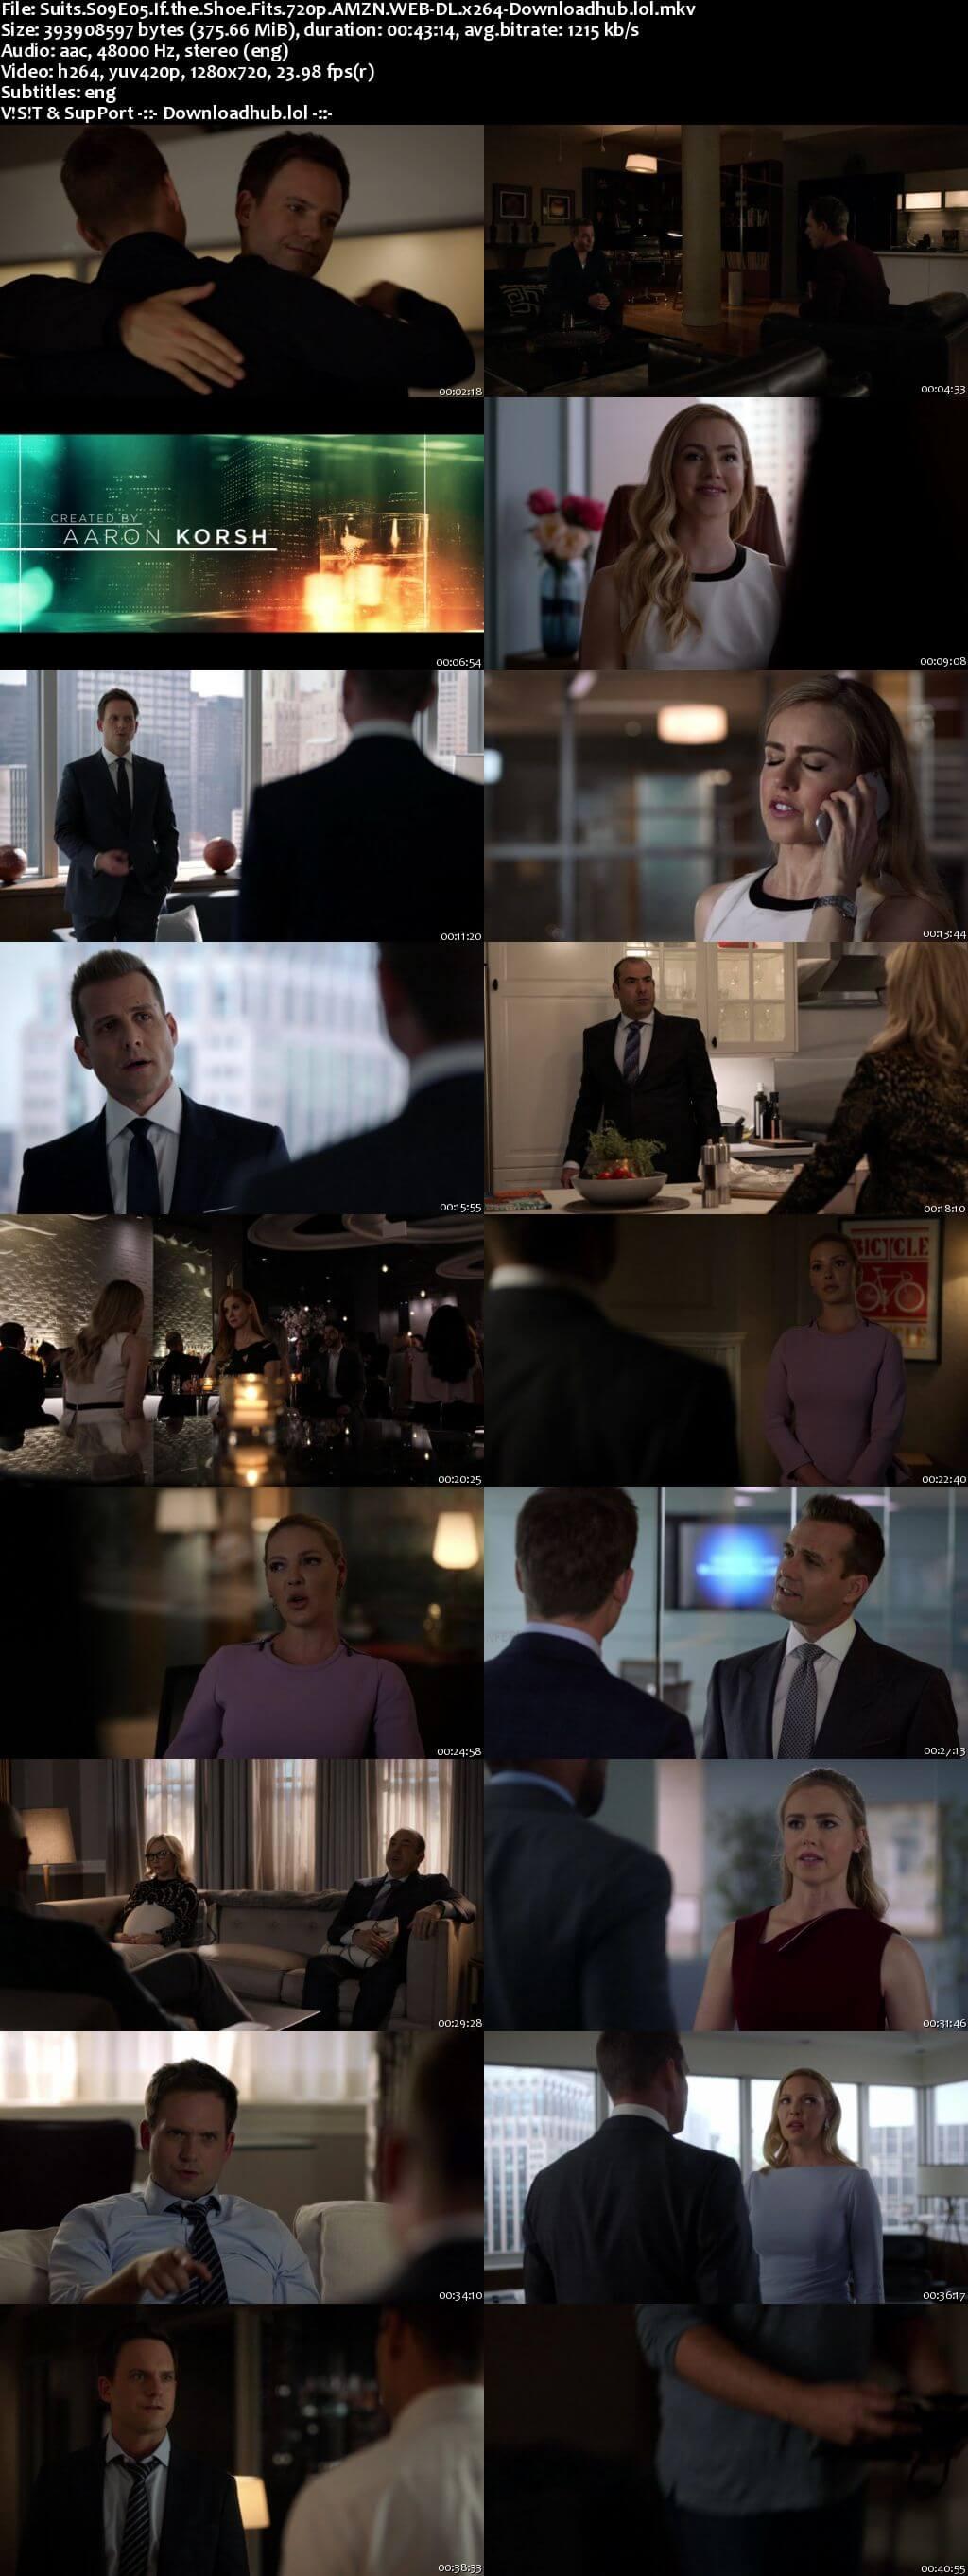 Suits S09E05 350MB Web-DL 720p x264 ESubs